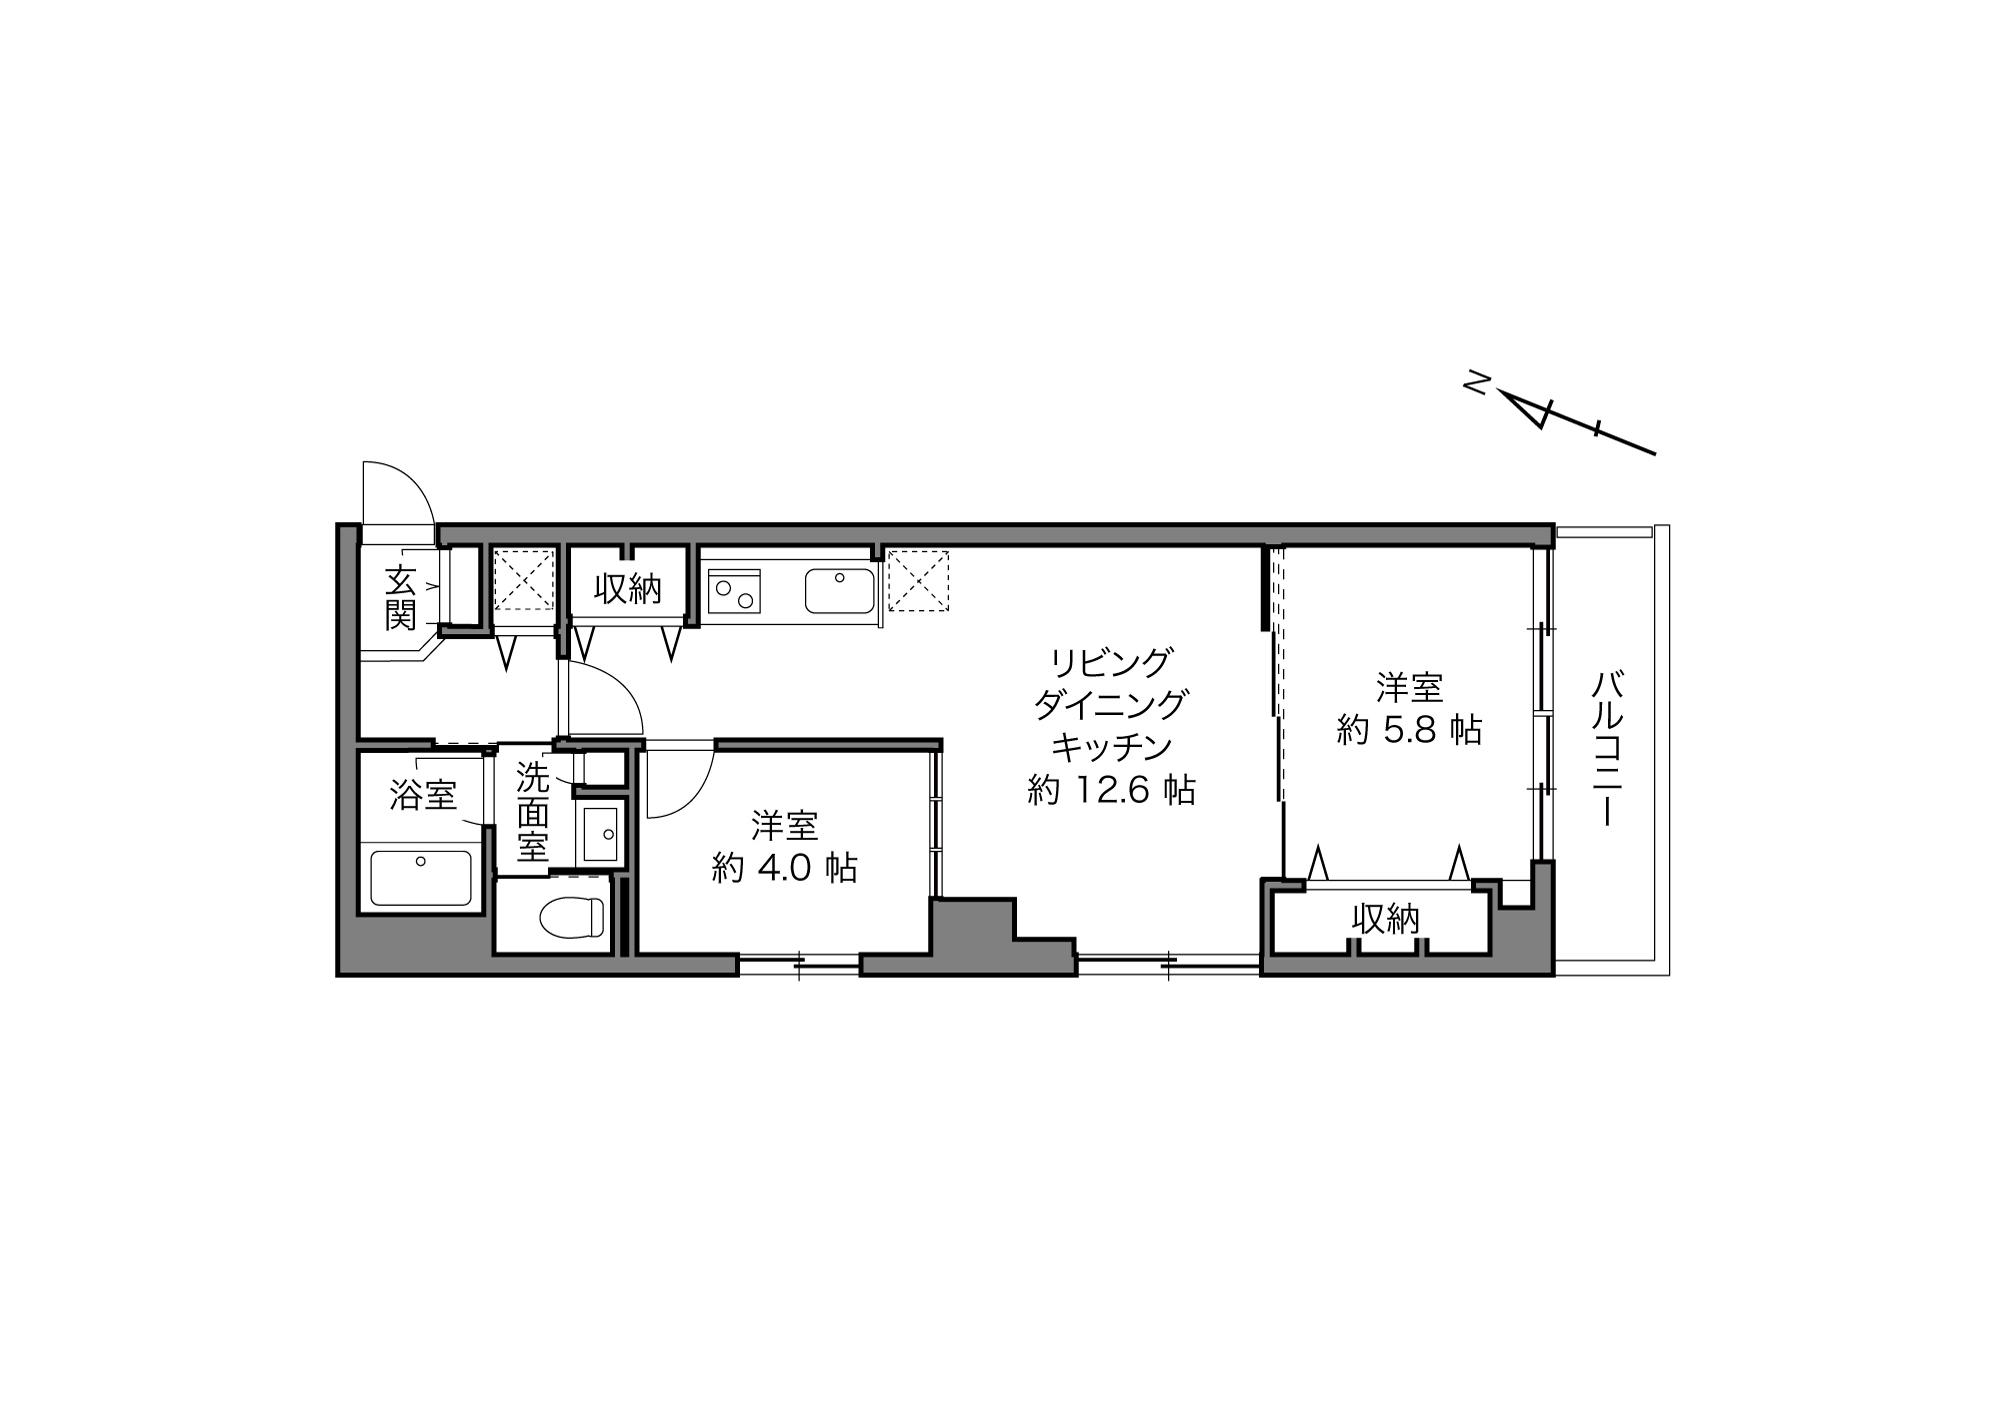 赤坂見附駅 / 2LDK / 51.17㎡